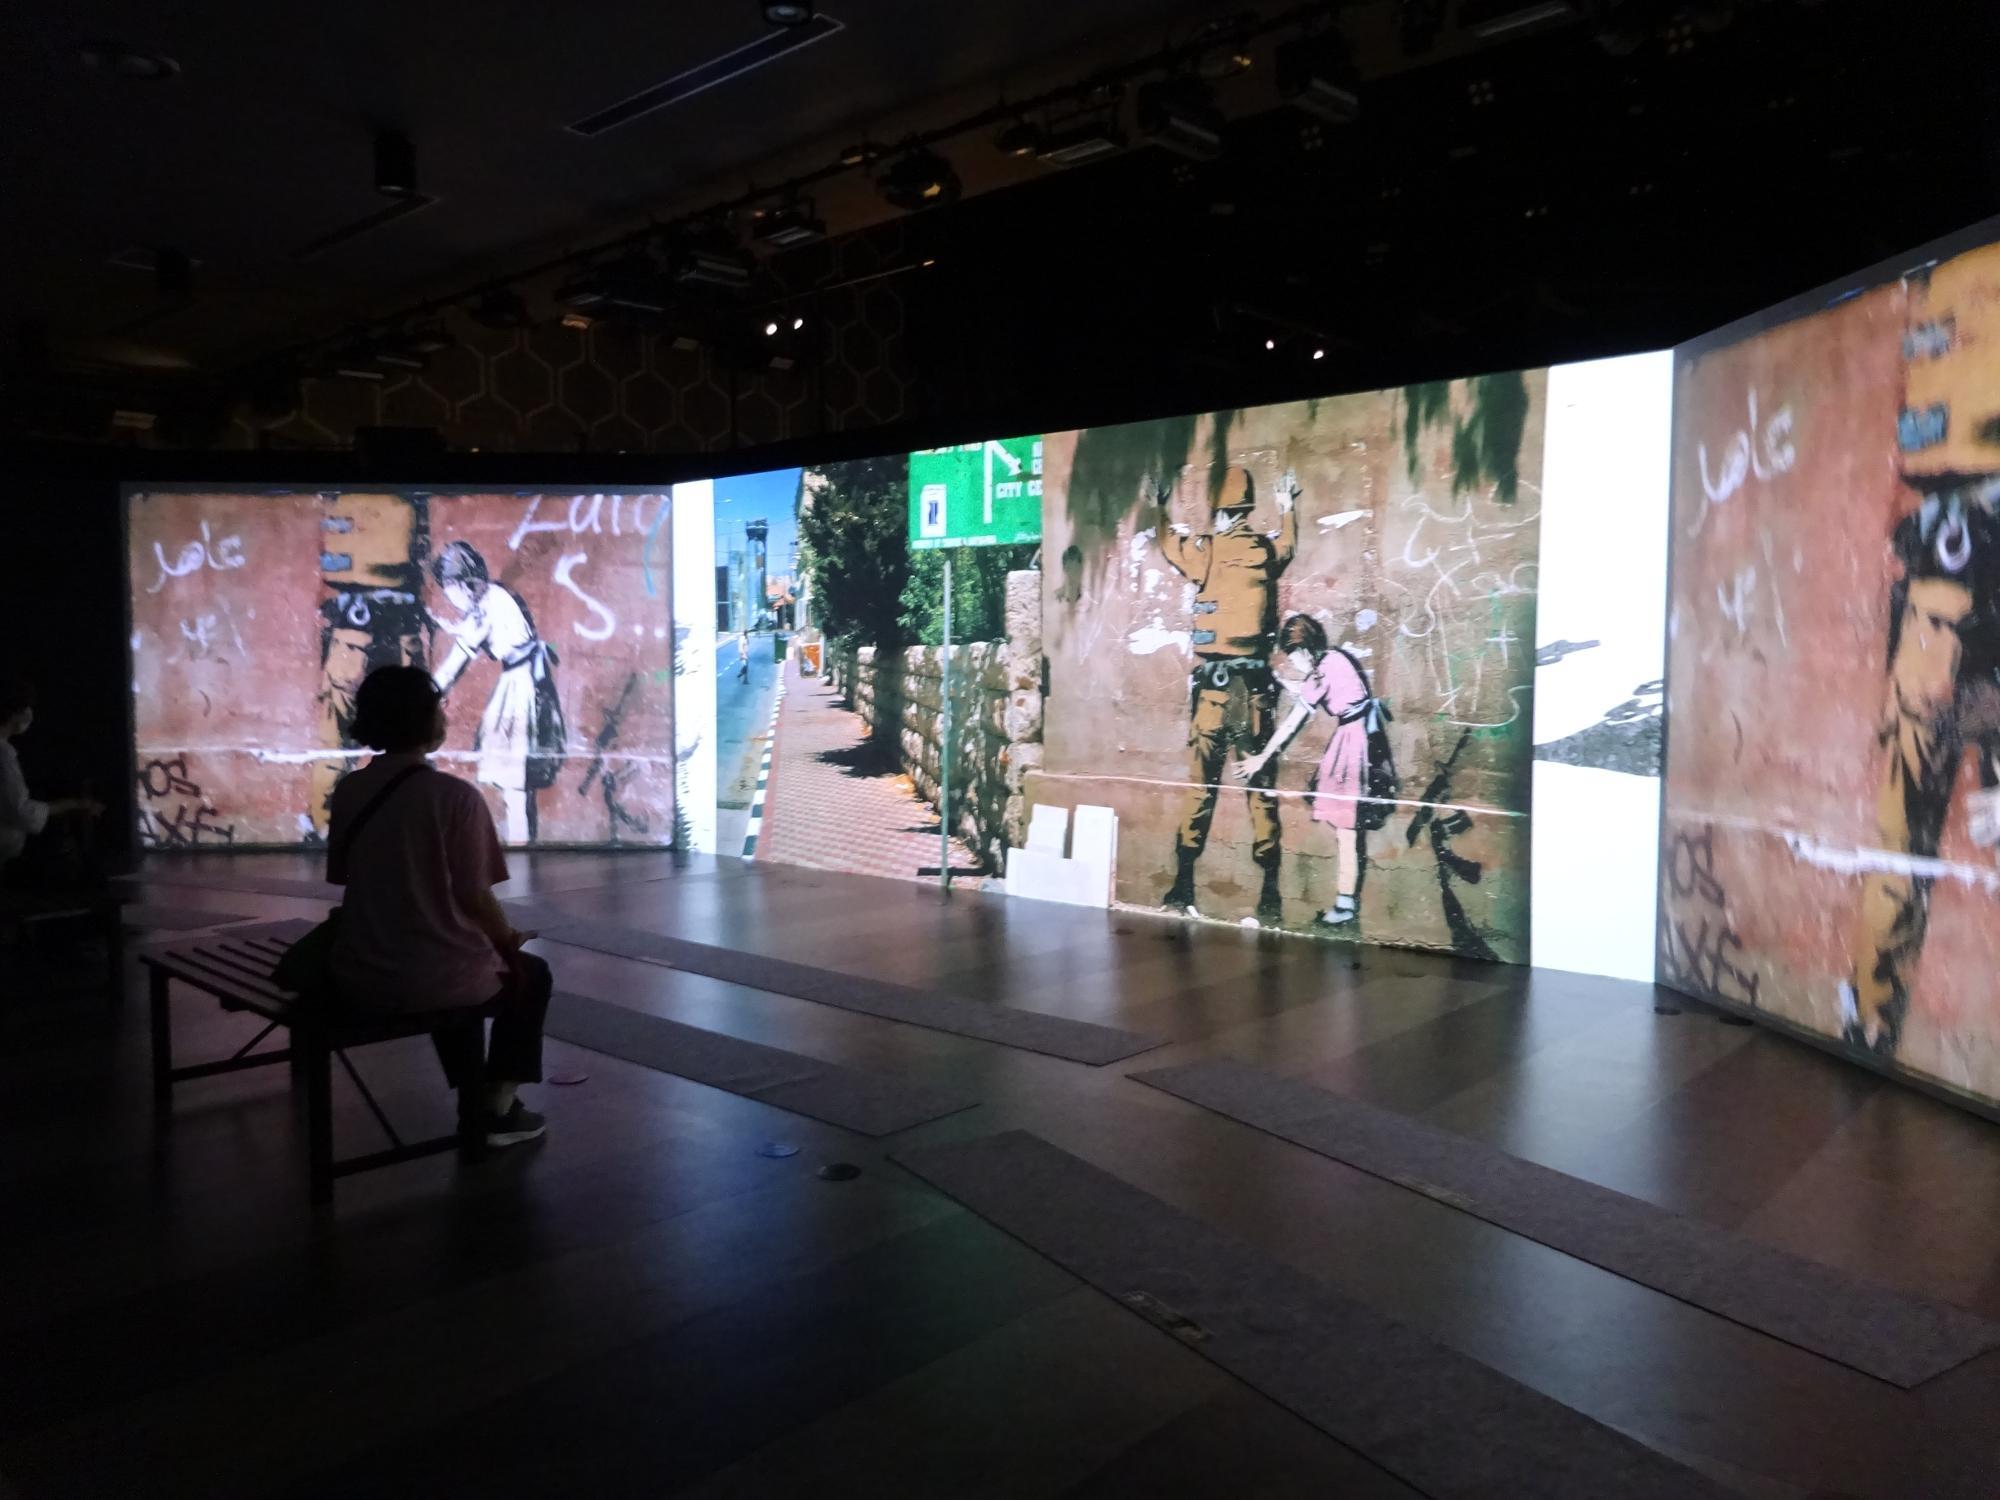 3面スクリーンを使ったパノラマ的インスタレーション